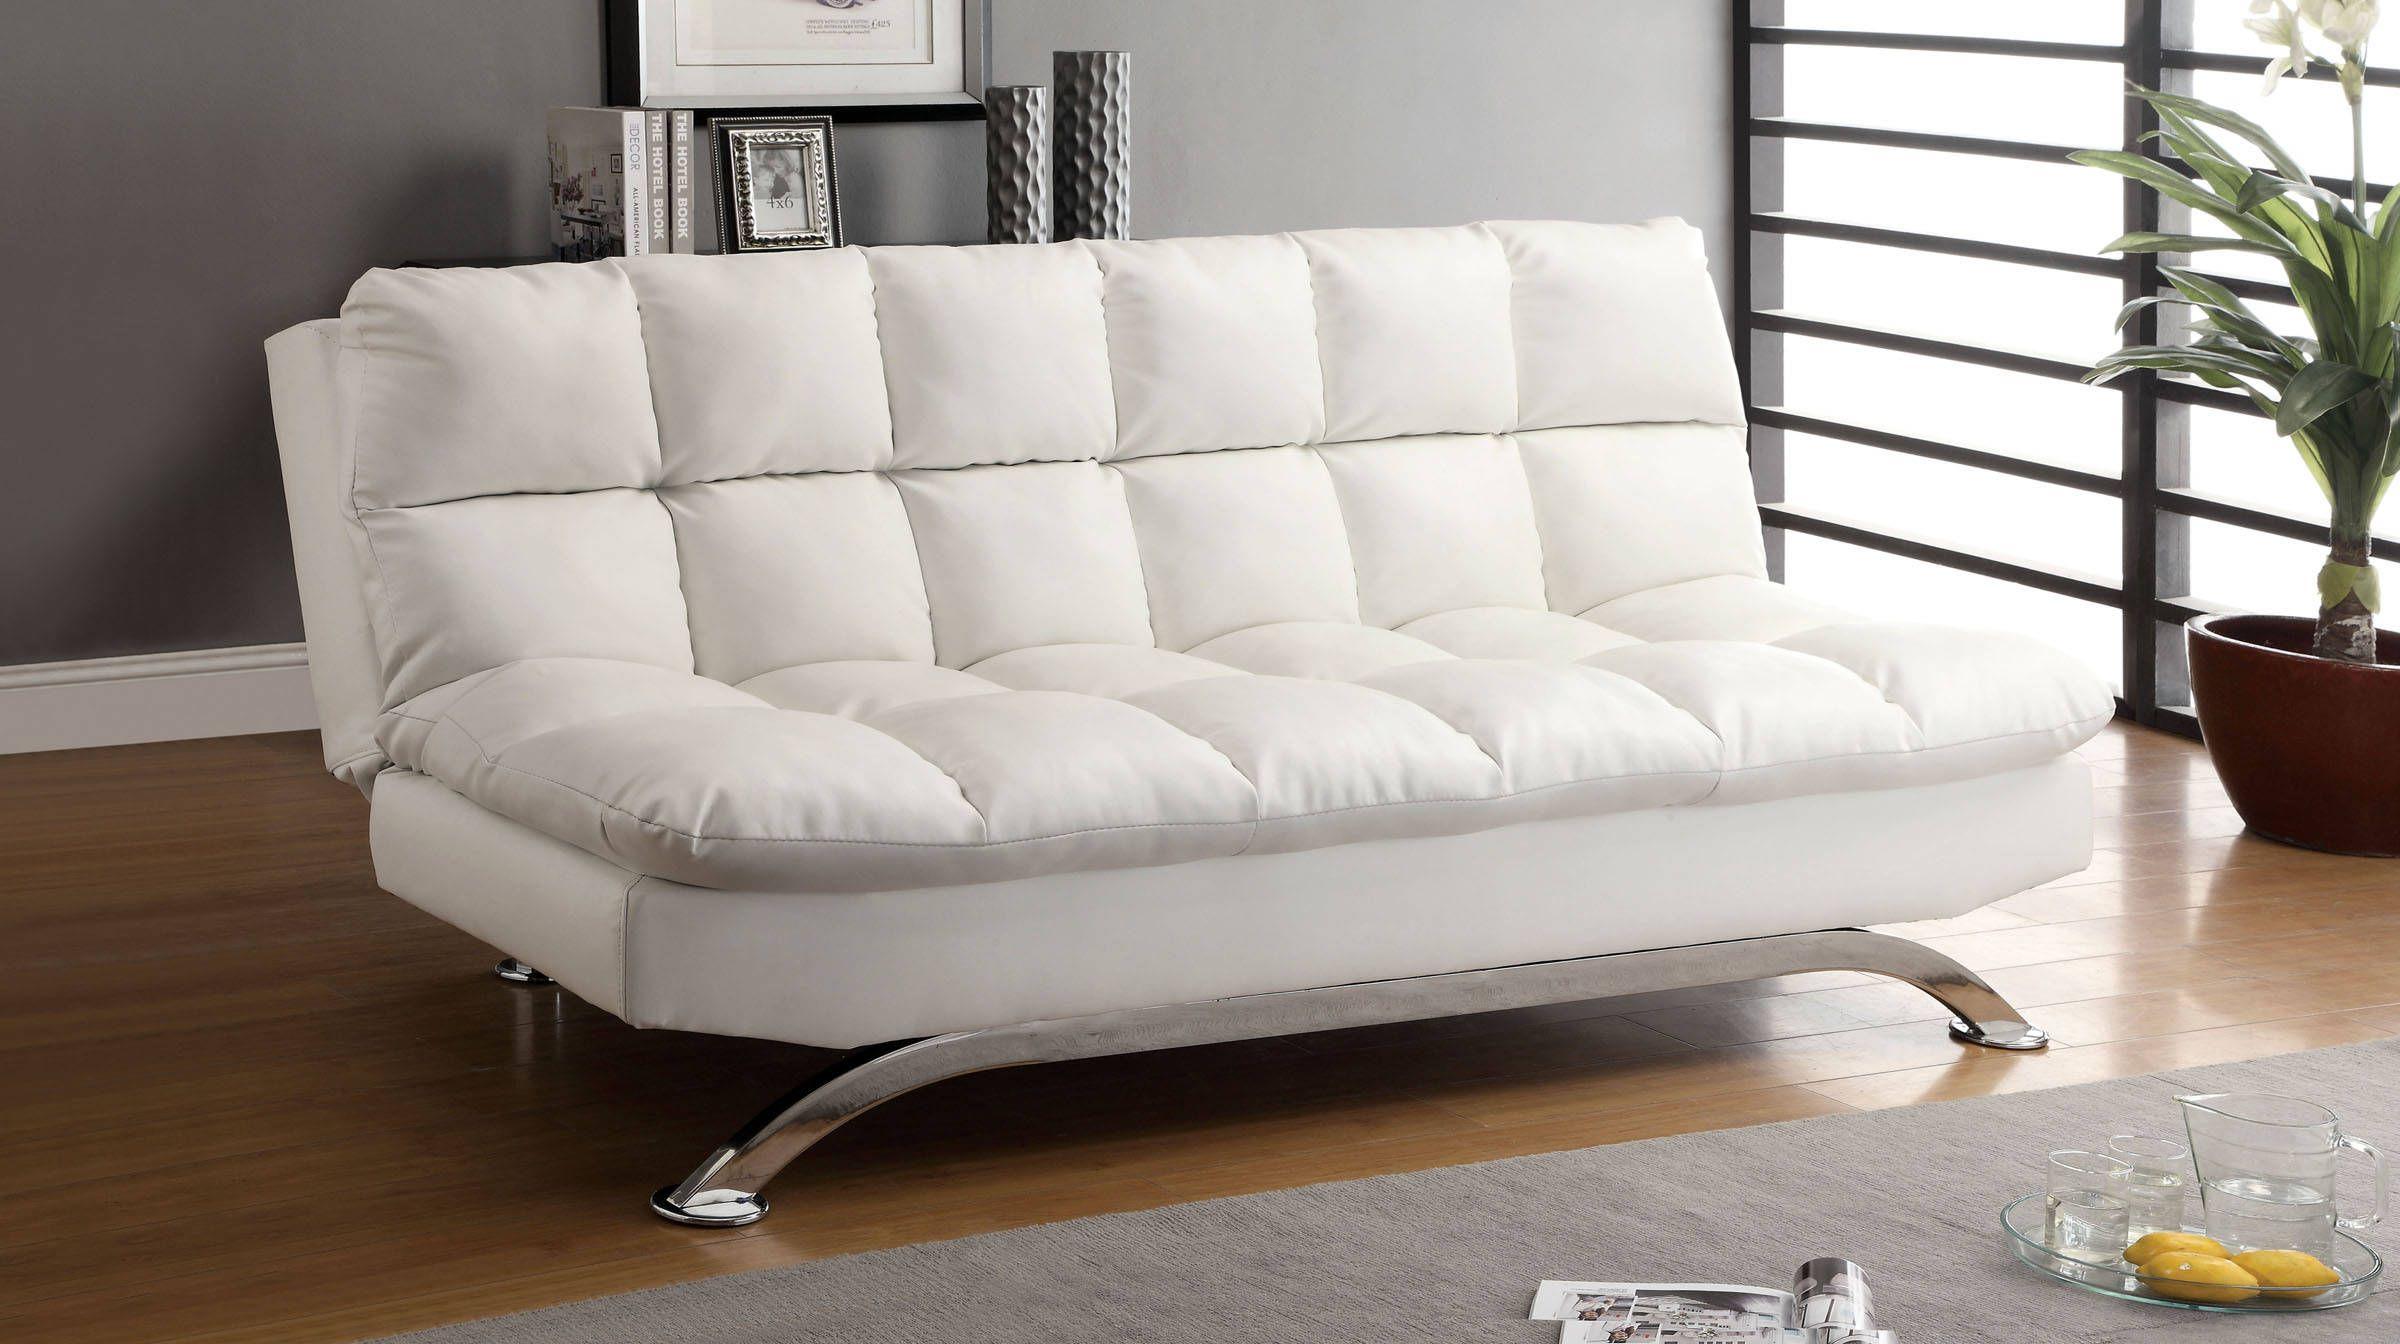 Furniture Of America Aristo White Futon Sofa Leather Sleeper